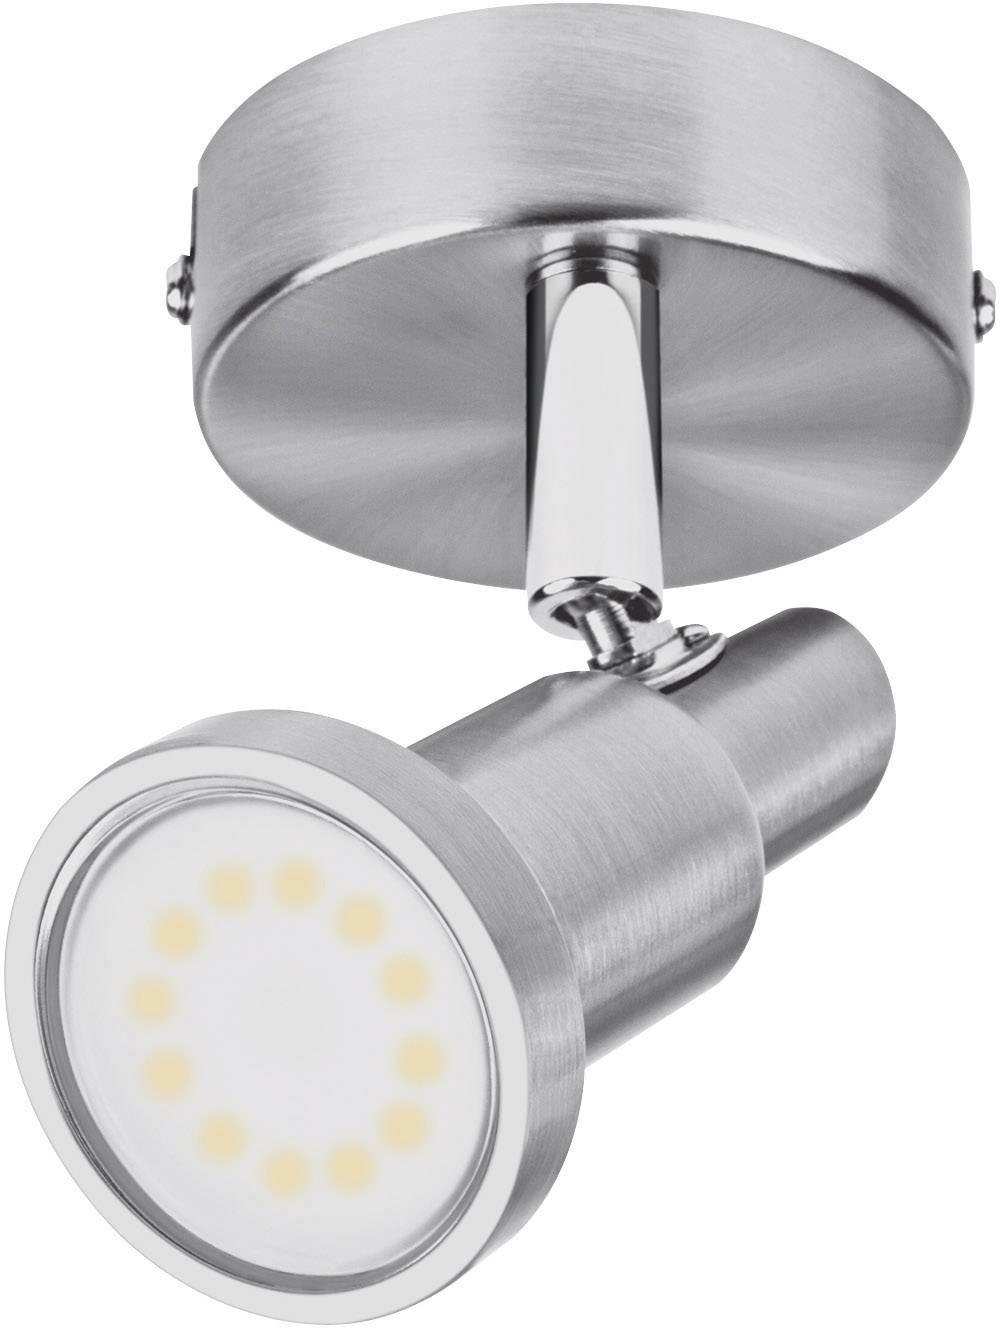 Faretti E Spot Da Soffitto ledvance led spot (eu) l 4058075260801 faretto da soffitto led (monocolore)  gu10 3 w nickel (spazzolato)